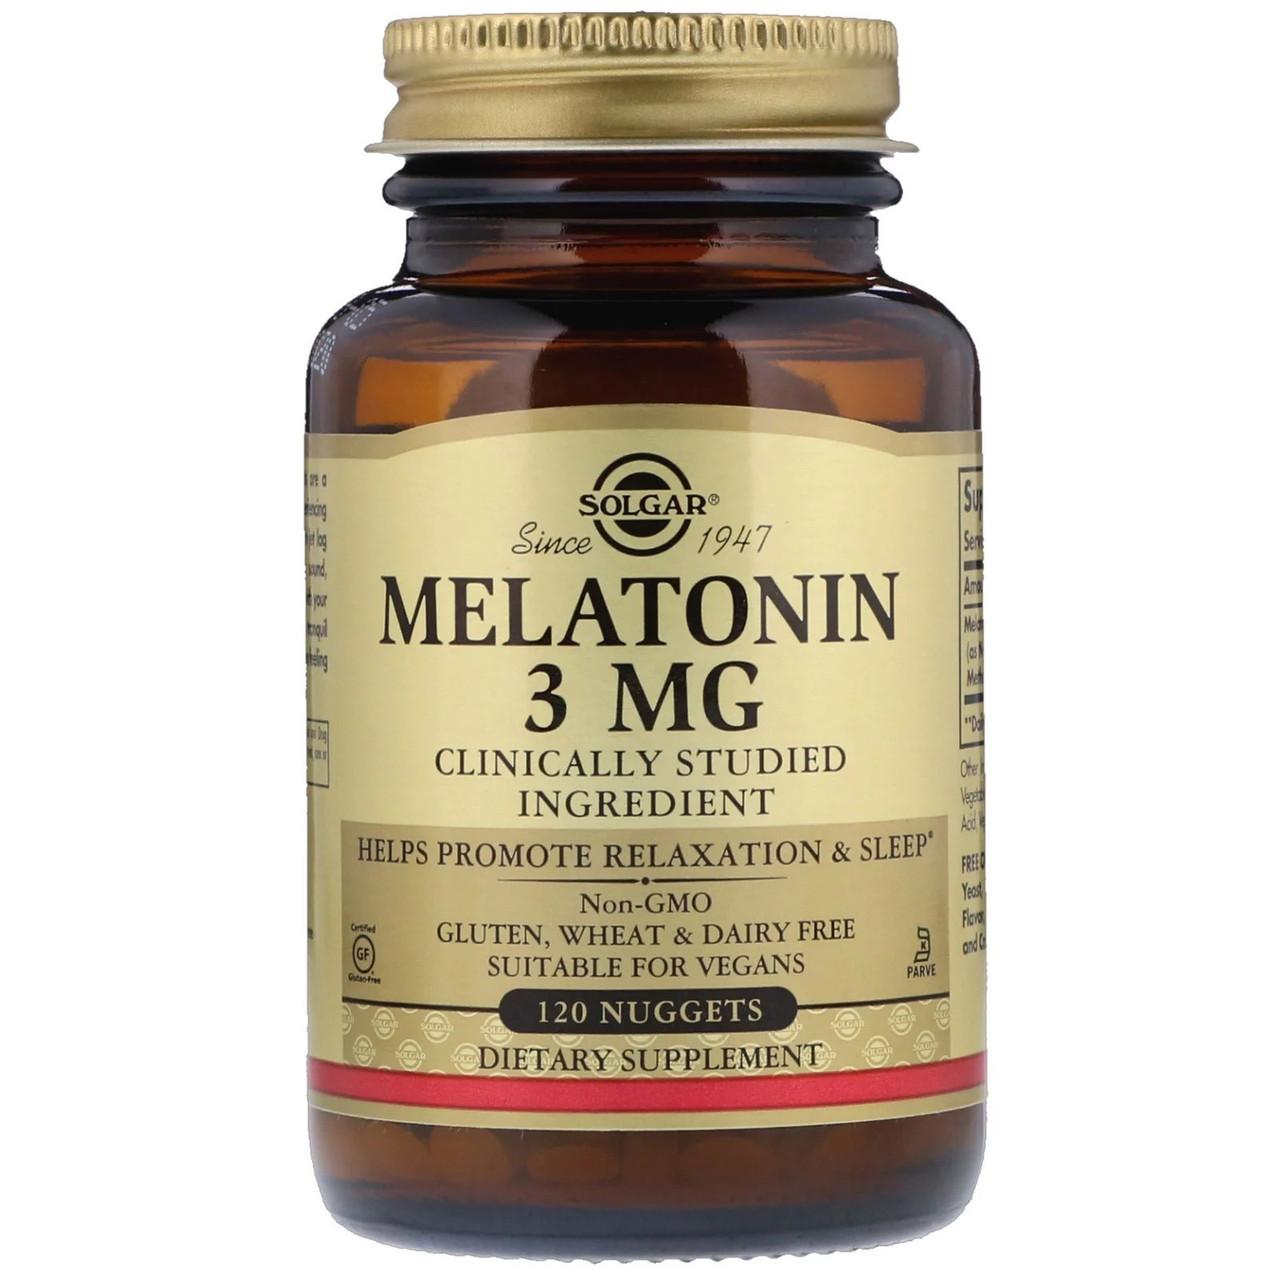 Біологічно Активні Добавки Солгар Мелатонін 3 мг 120 таблеток Solgar Melatonin (5324937)